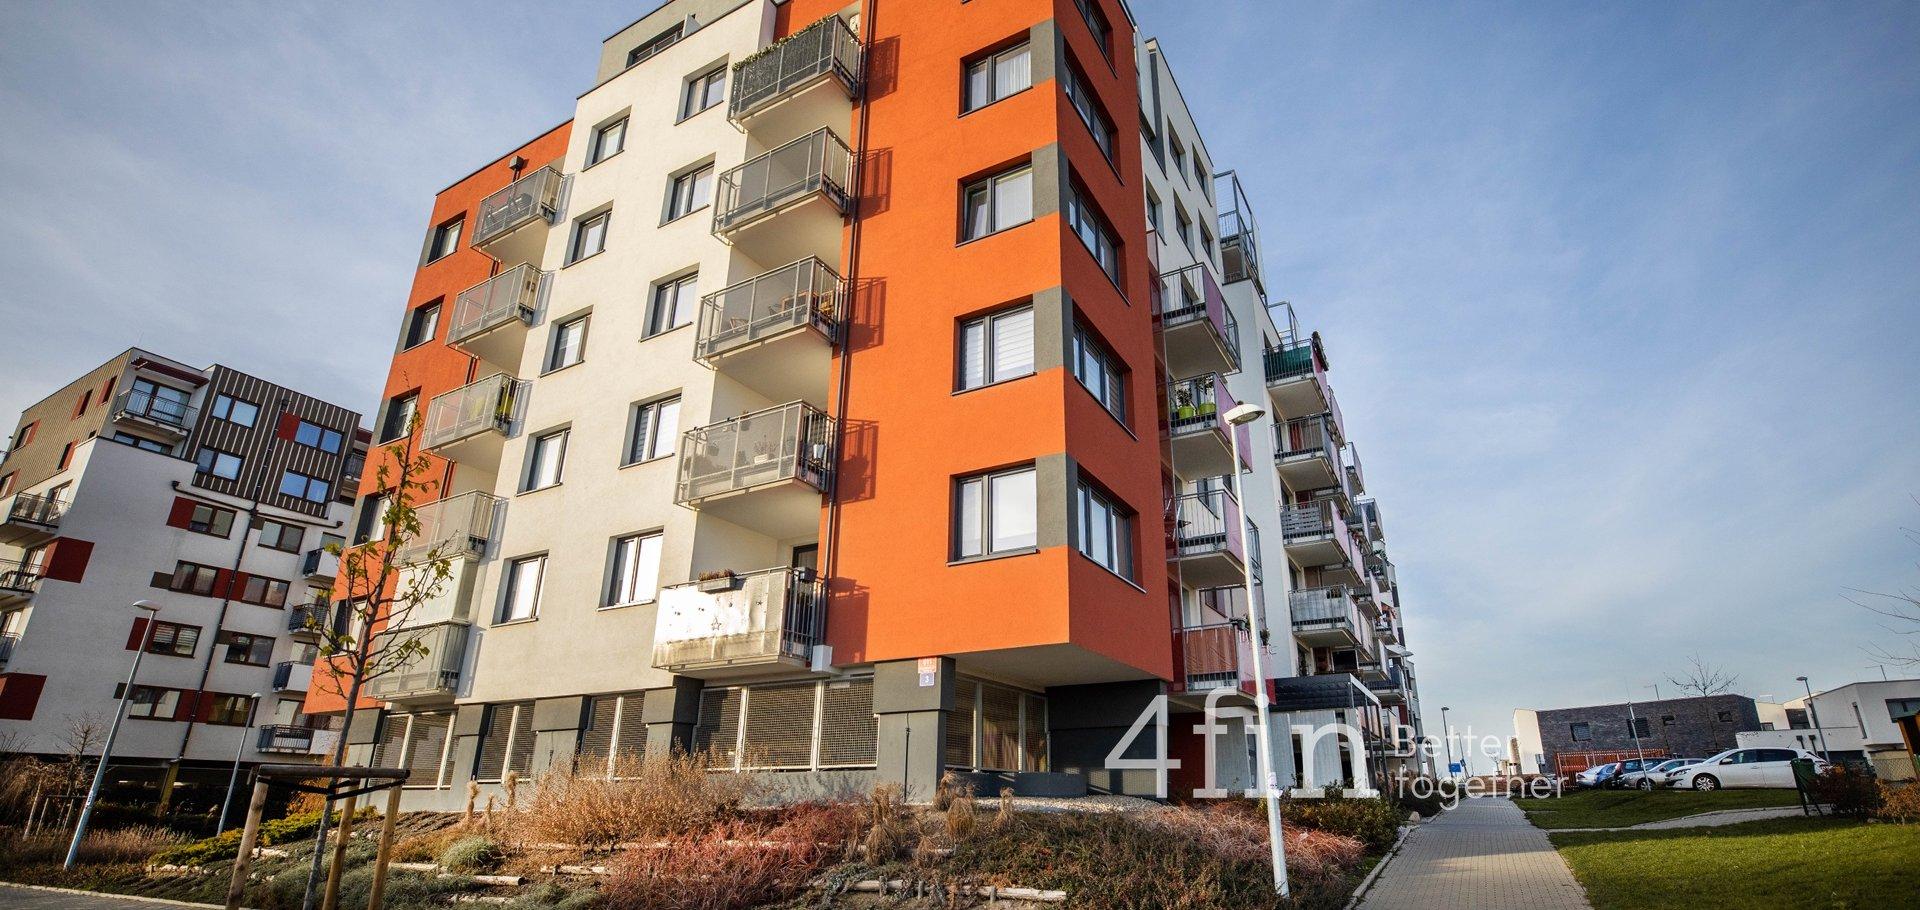 Prodej bytu 4+kk, 120 m², 2 terasy 52 m², 2 koupelny, garážové stání, Praha - Dolní Měcholupy